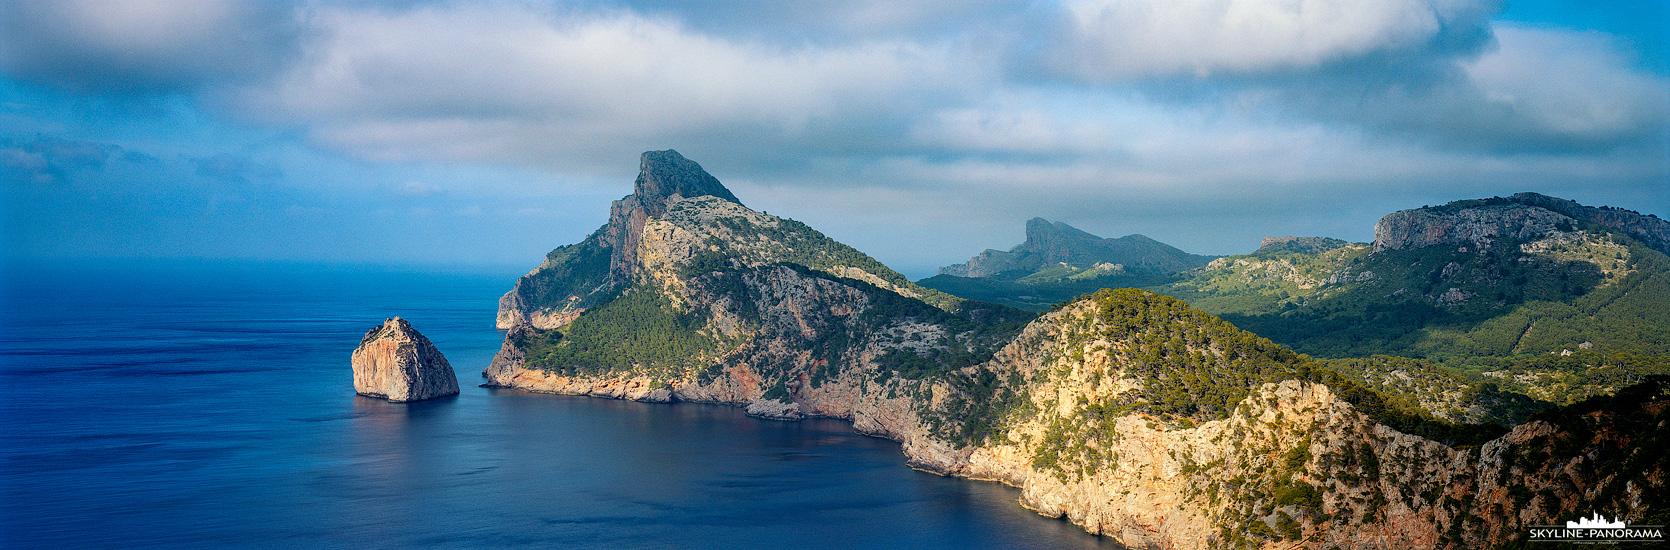 Das Cap de Formentor ist das östliche Ende der Halbinsel Formentor und zugleich der östlichste Punkt von Mallorca. Durch die wildromantische Steilküste der Halbinsel gehört das Cap de Formentor zu den sehenswertesten Landschaften der Insel. Hier zusehen ist die Landmarke von dem Mirador del Mal Pas, einem Aussichtspunkt ca. 6km hinter Port de Pollença.